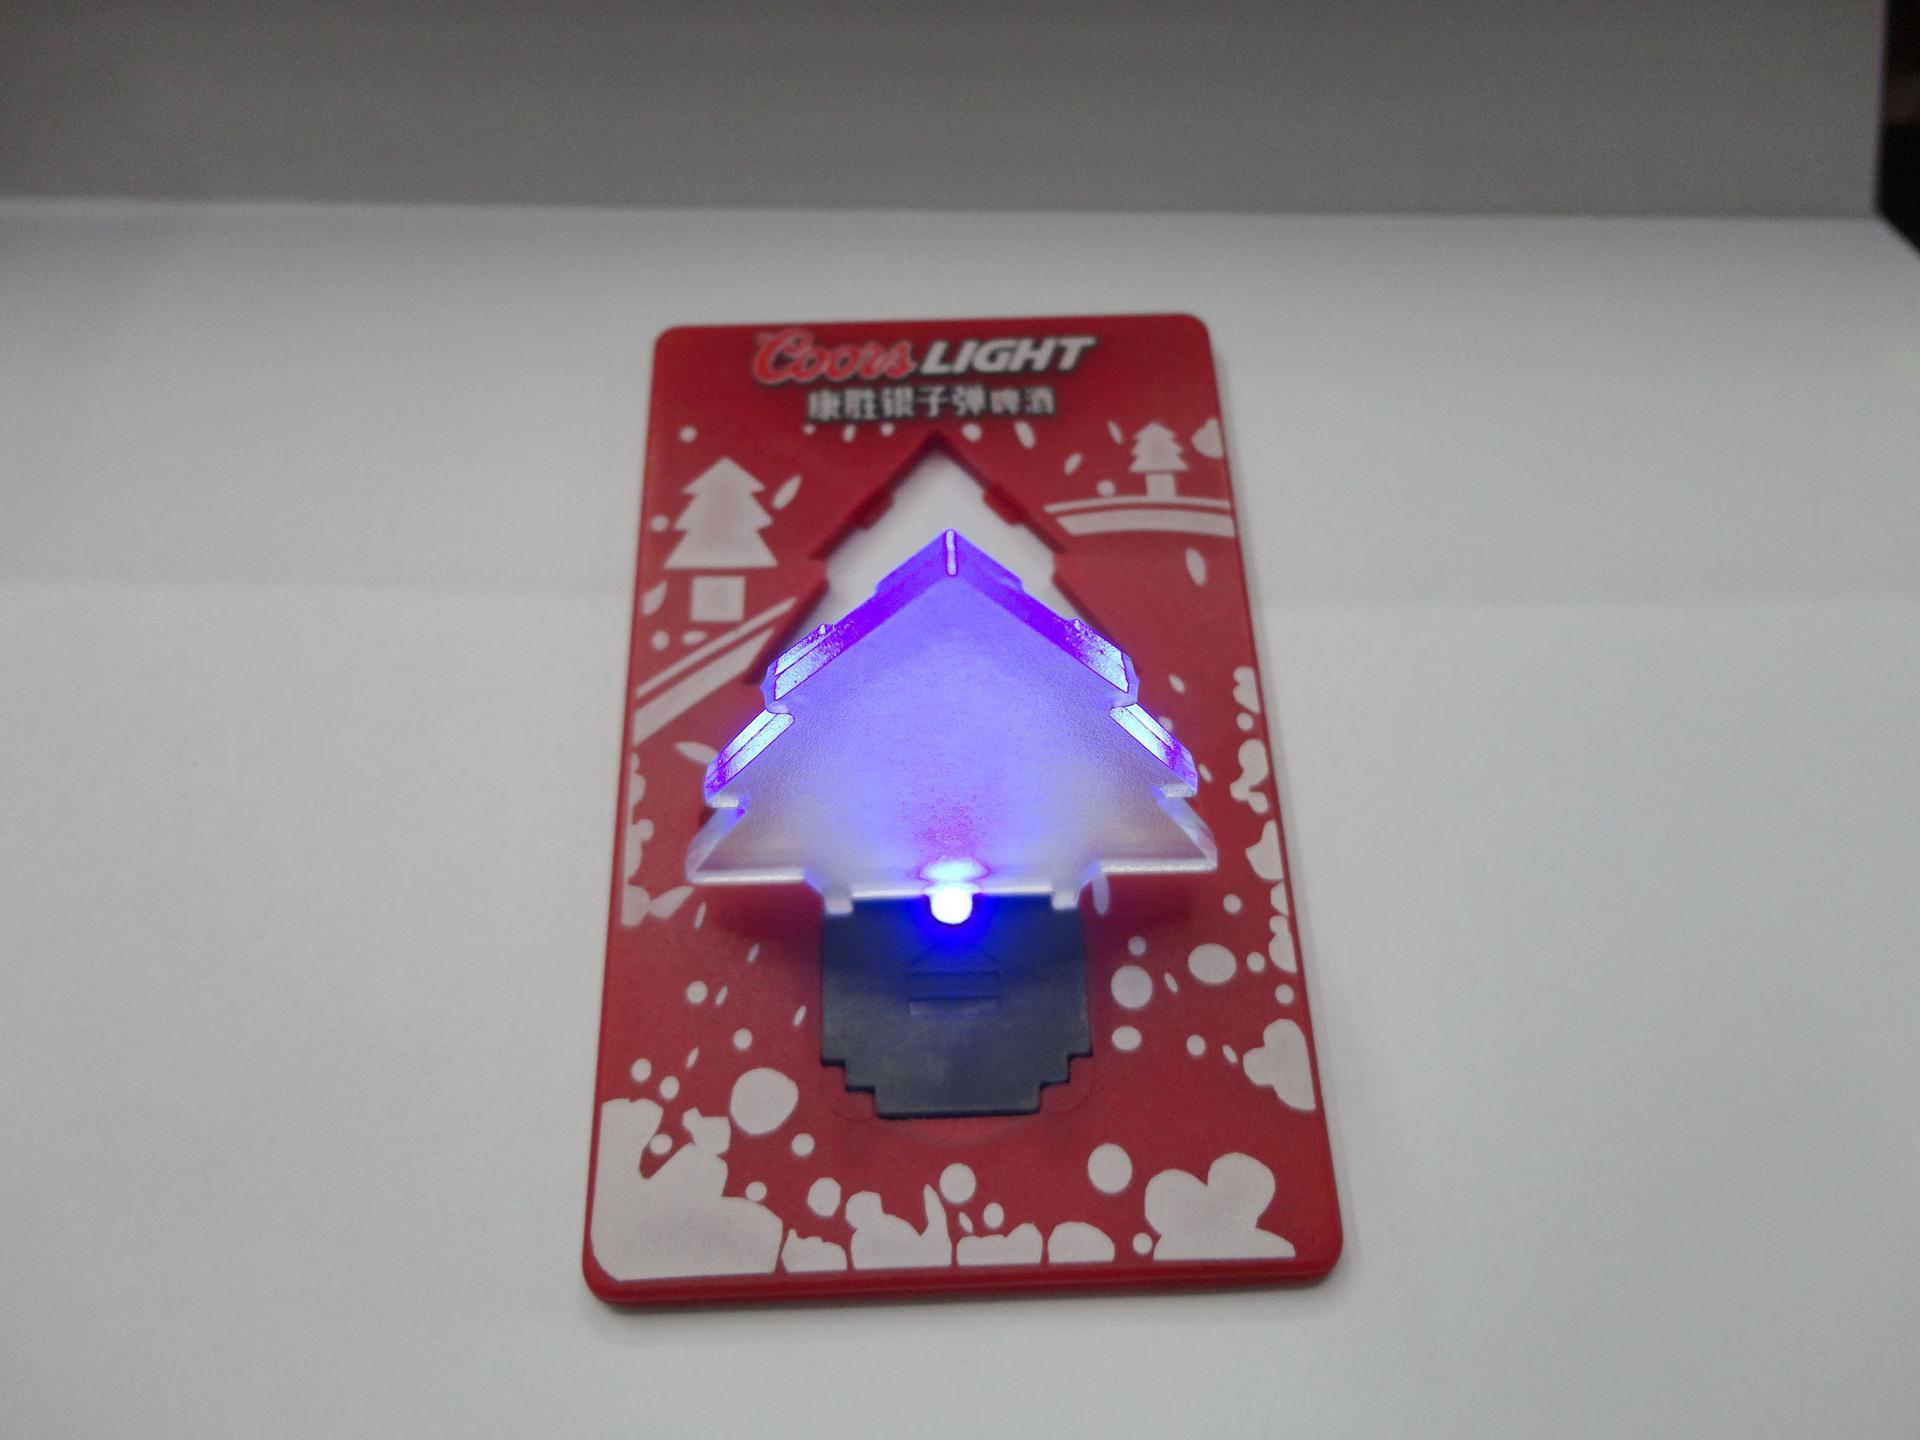 크리스마스 카드 램프, 선물 카드, LED 카드 라이트